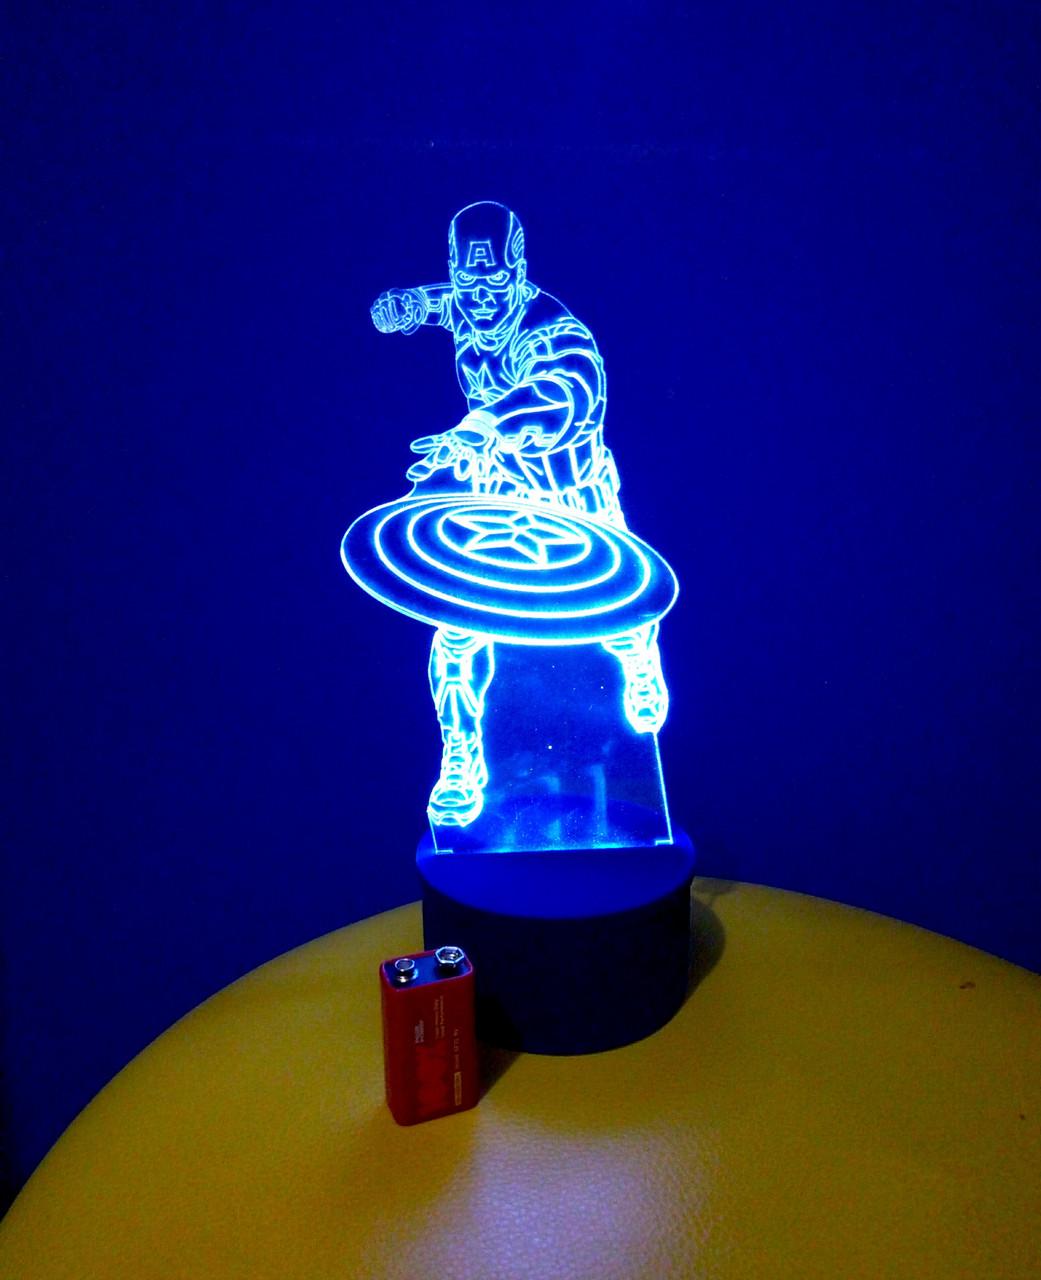 3d-светильник Капитан Америка, 3д-ночник, несколько подсветок (на батарейке), подарок мальчику